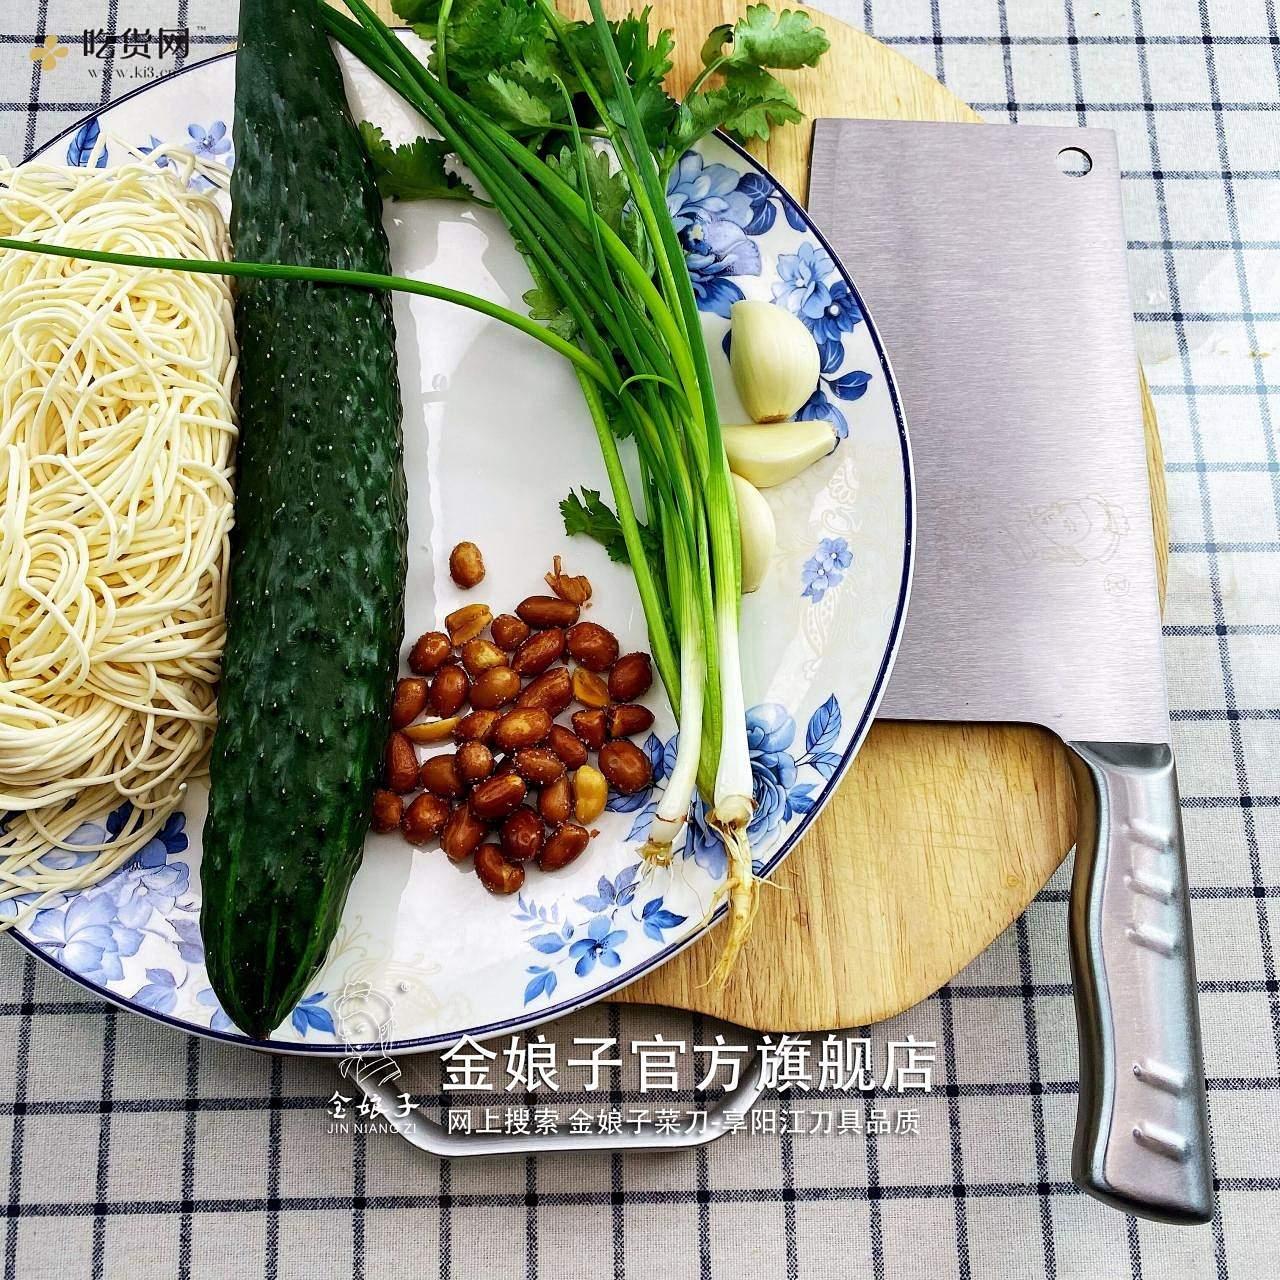 【酸辣凉拌面】夏天必备,酸辣开胃,连吃三大碗的做法 步骤1